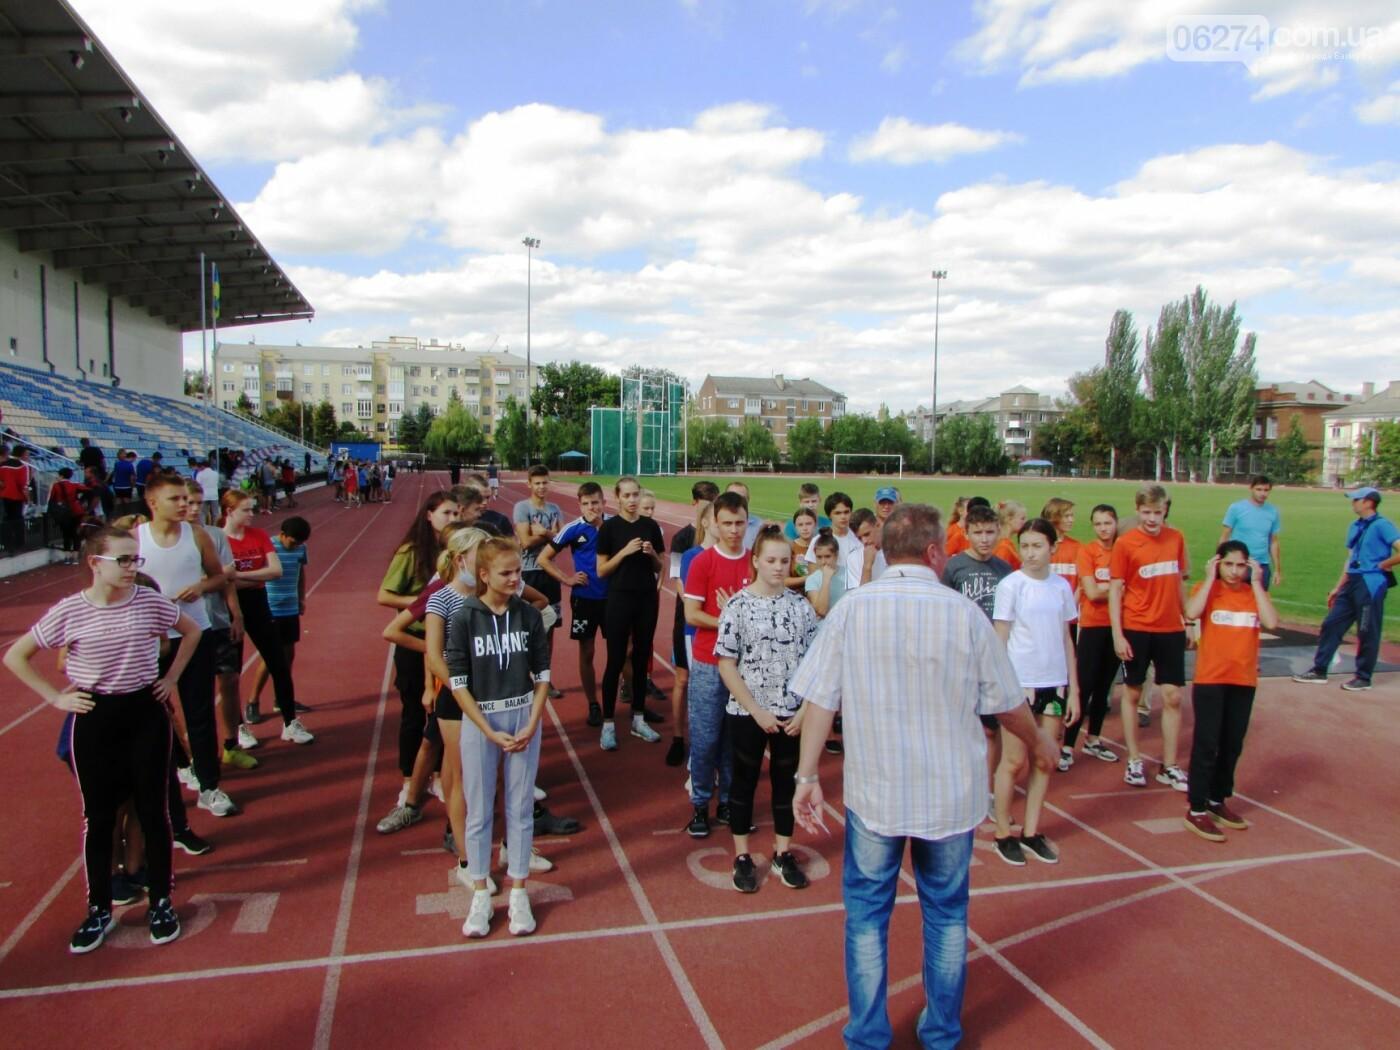 160 Бахмутских учащихся и студентов посвятили свои спортивные достижения Дню физической культуры и спорта, фото-3